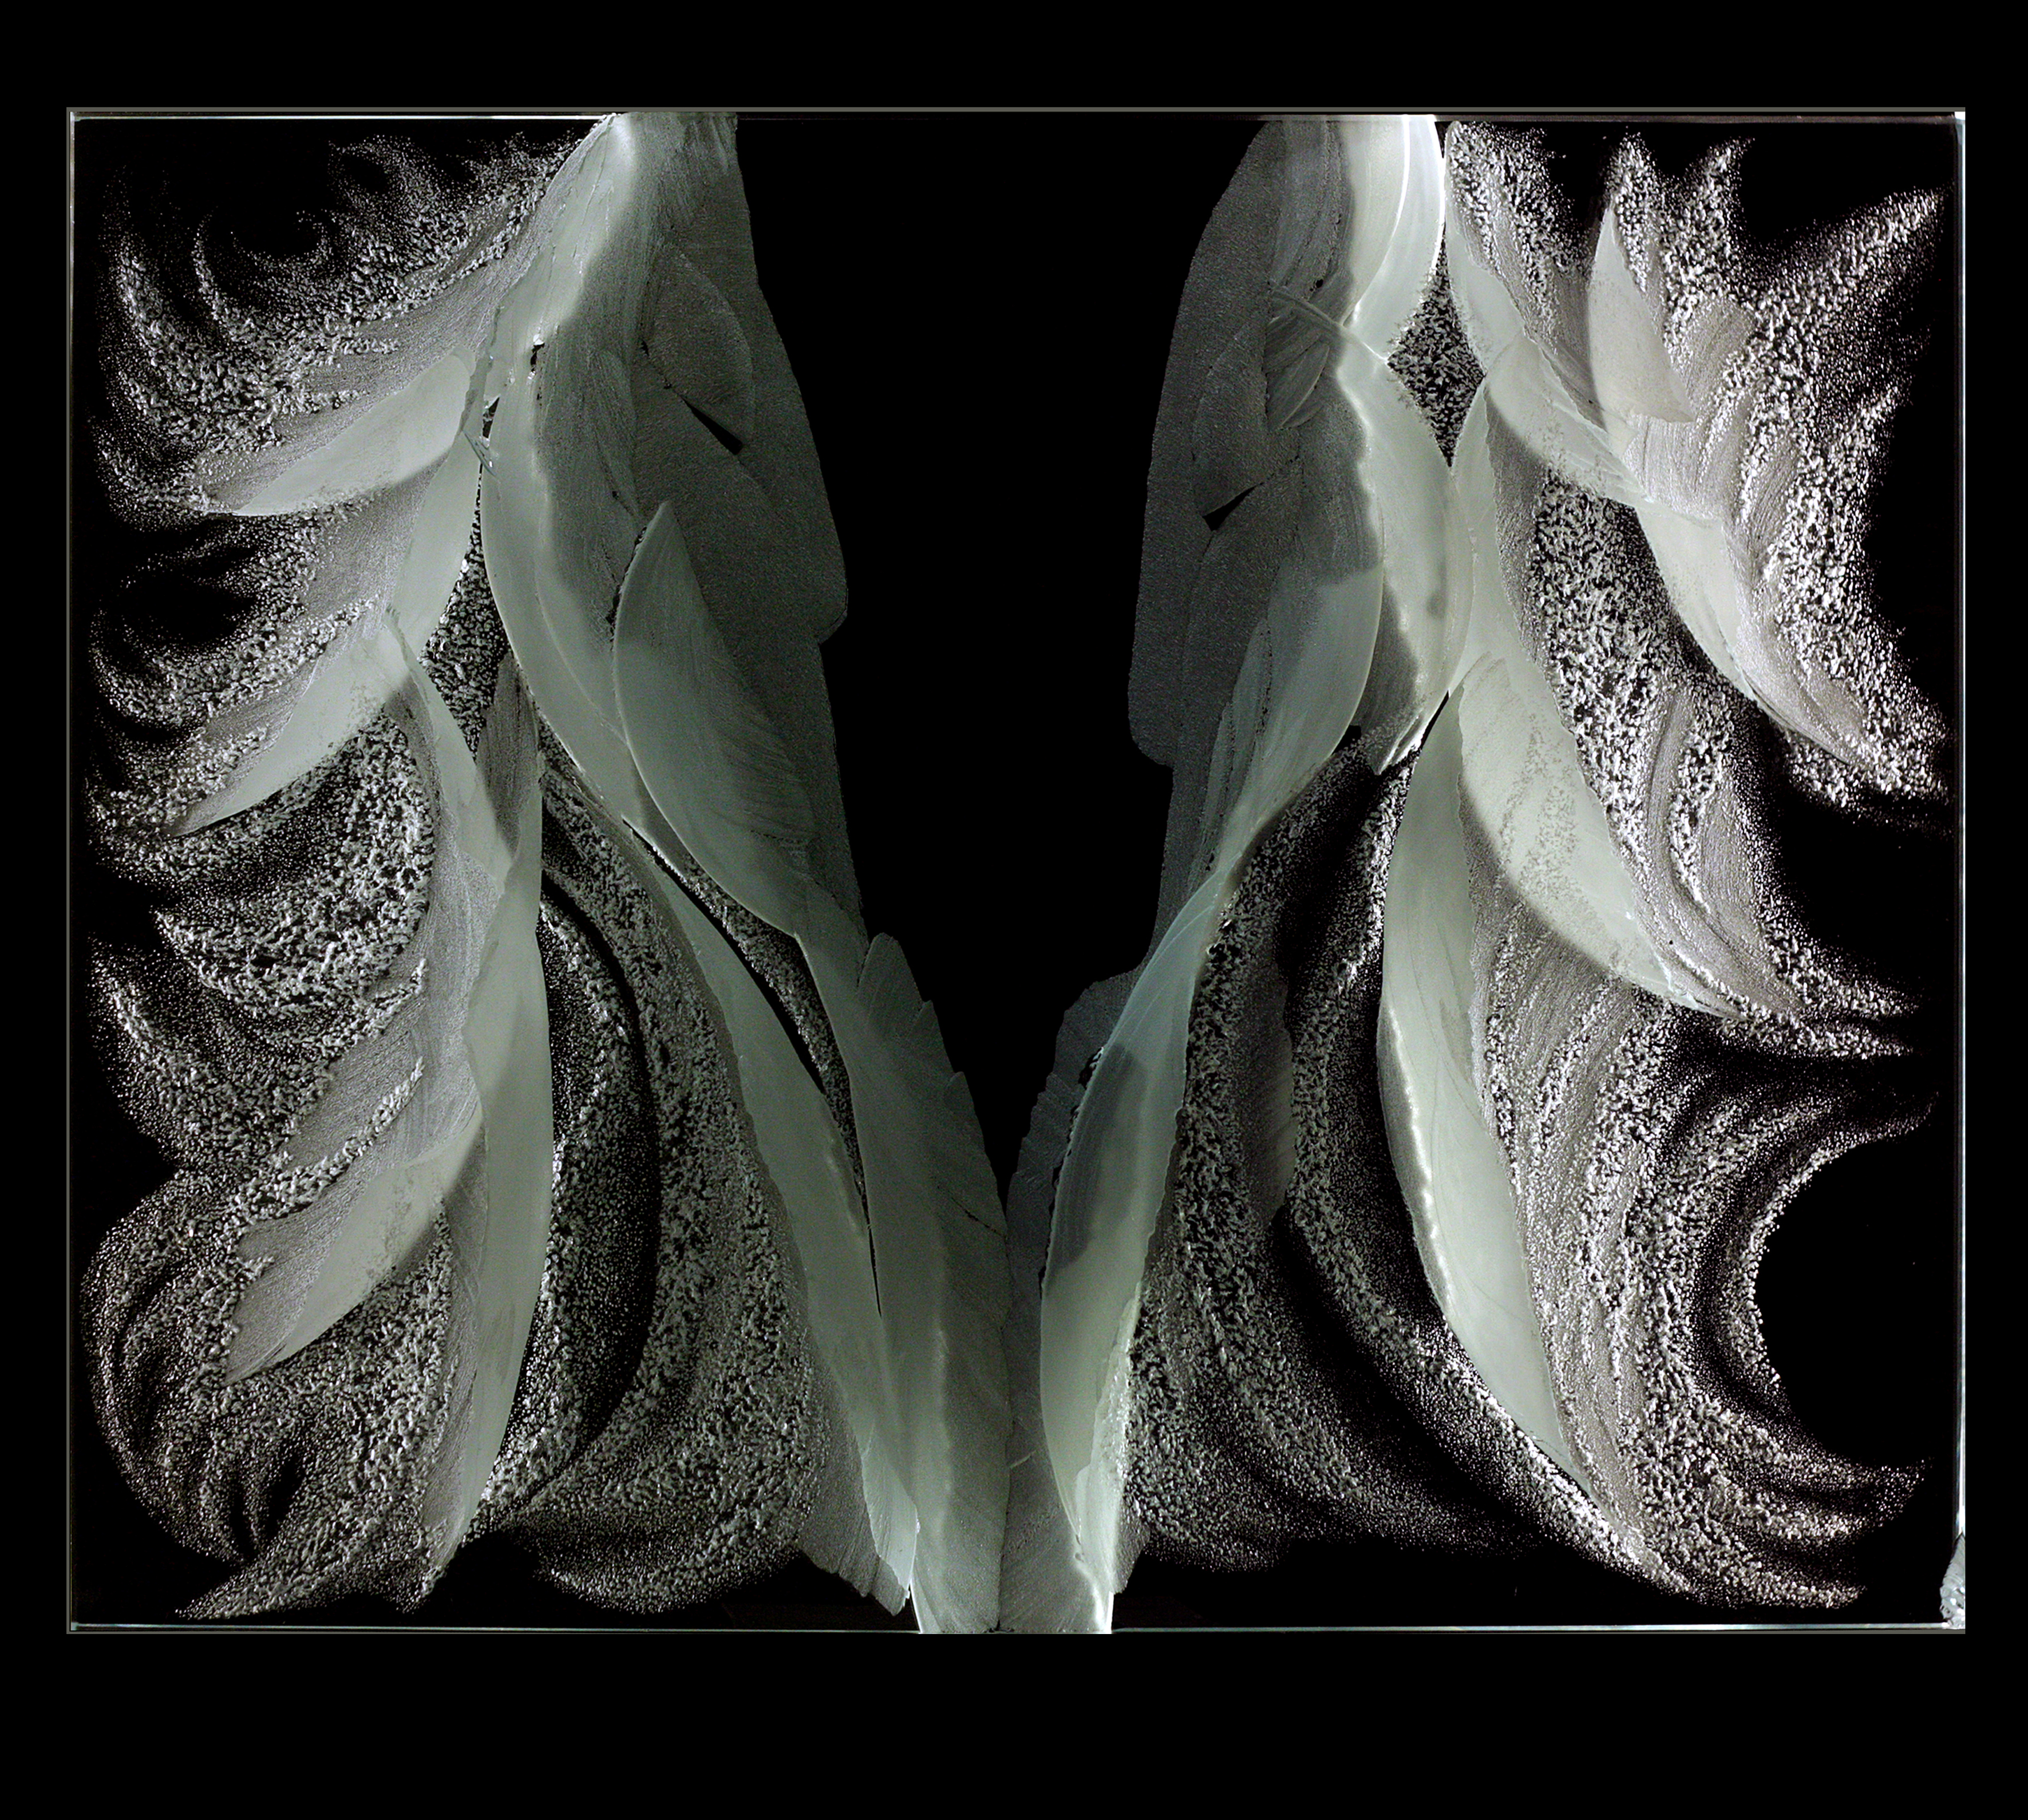 Арт-объект Белое безмолвие